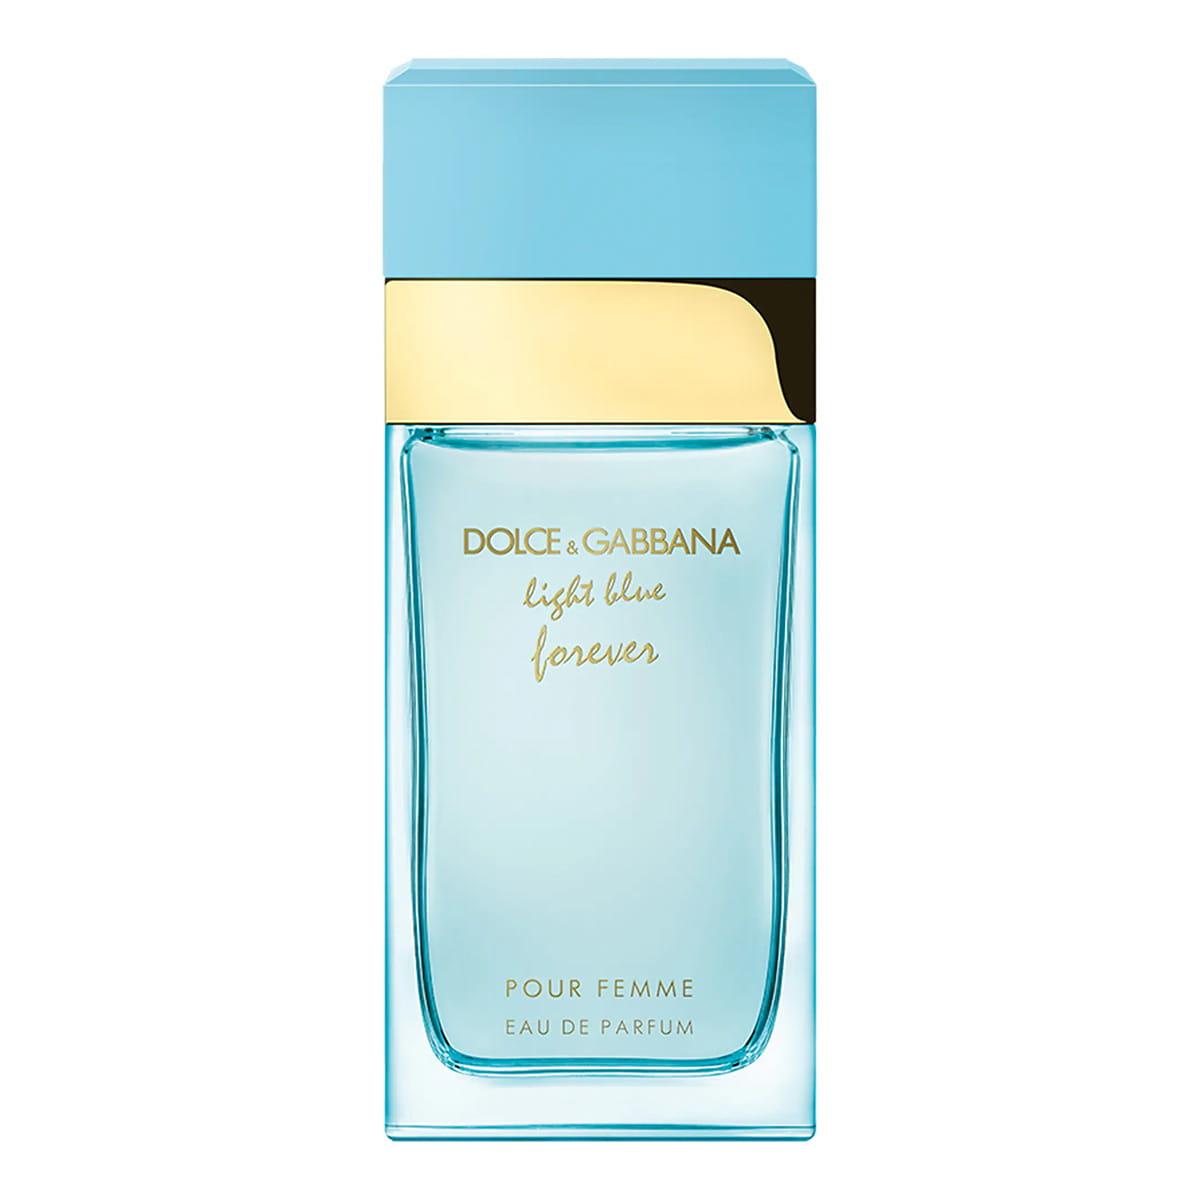 Light Blue Forever Pour Femme Eau de Parfum - Dolce & Gabbana